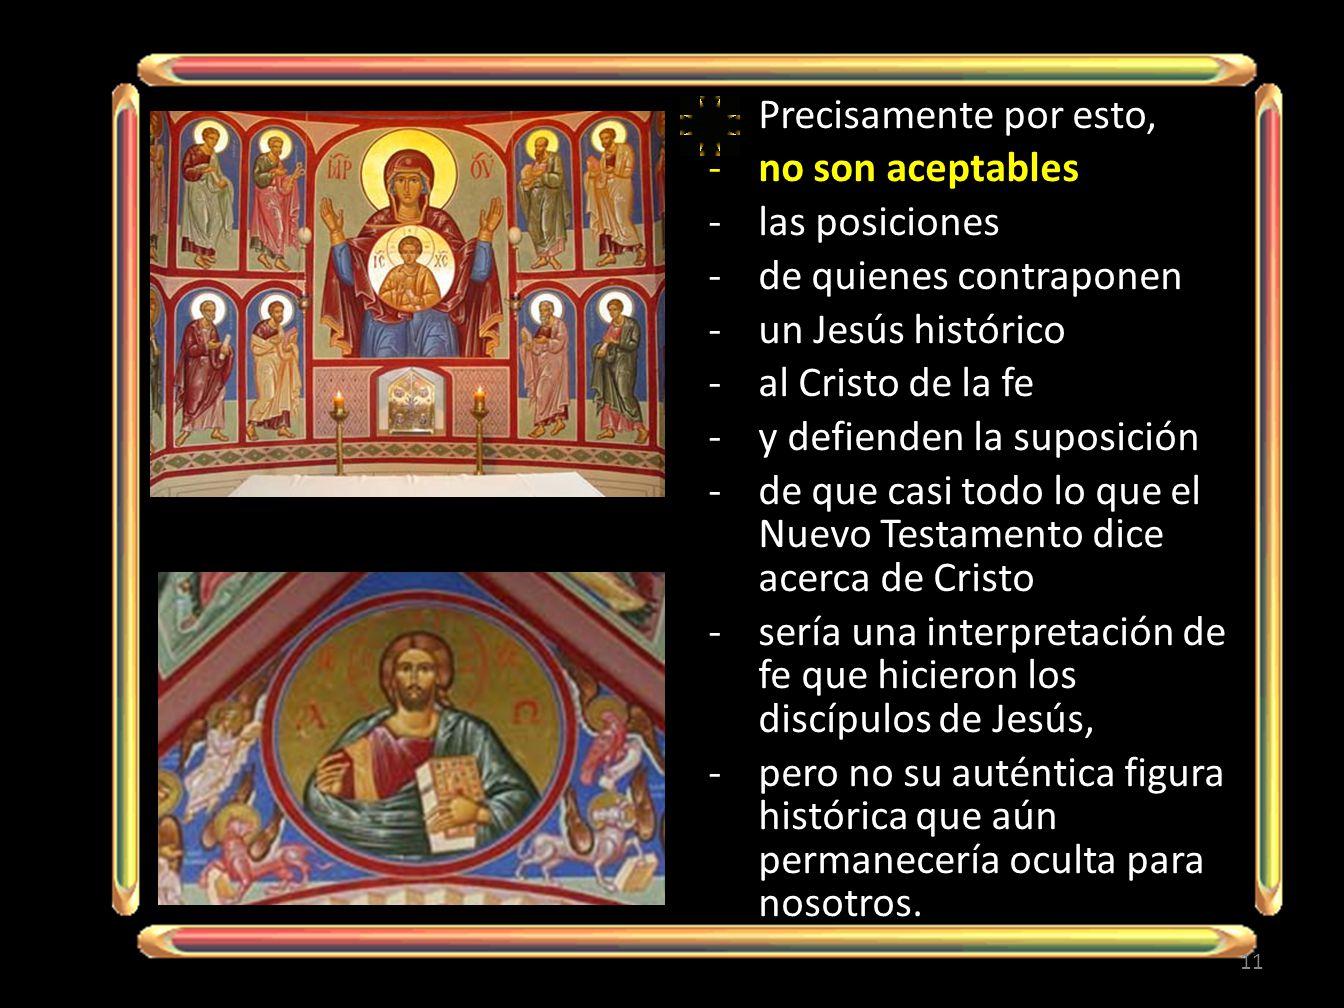 Precisamente por esto, -no son aceptables -las posiciones -de quienes contraponen -un Jesús histórico -al Cristo de la fe -y defienden la suposición -